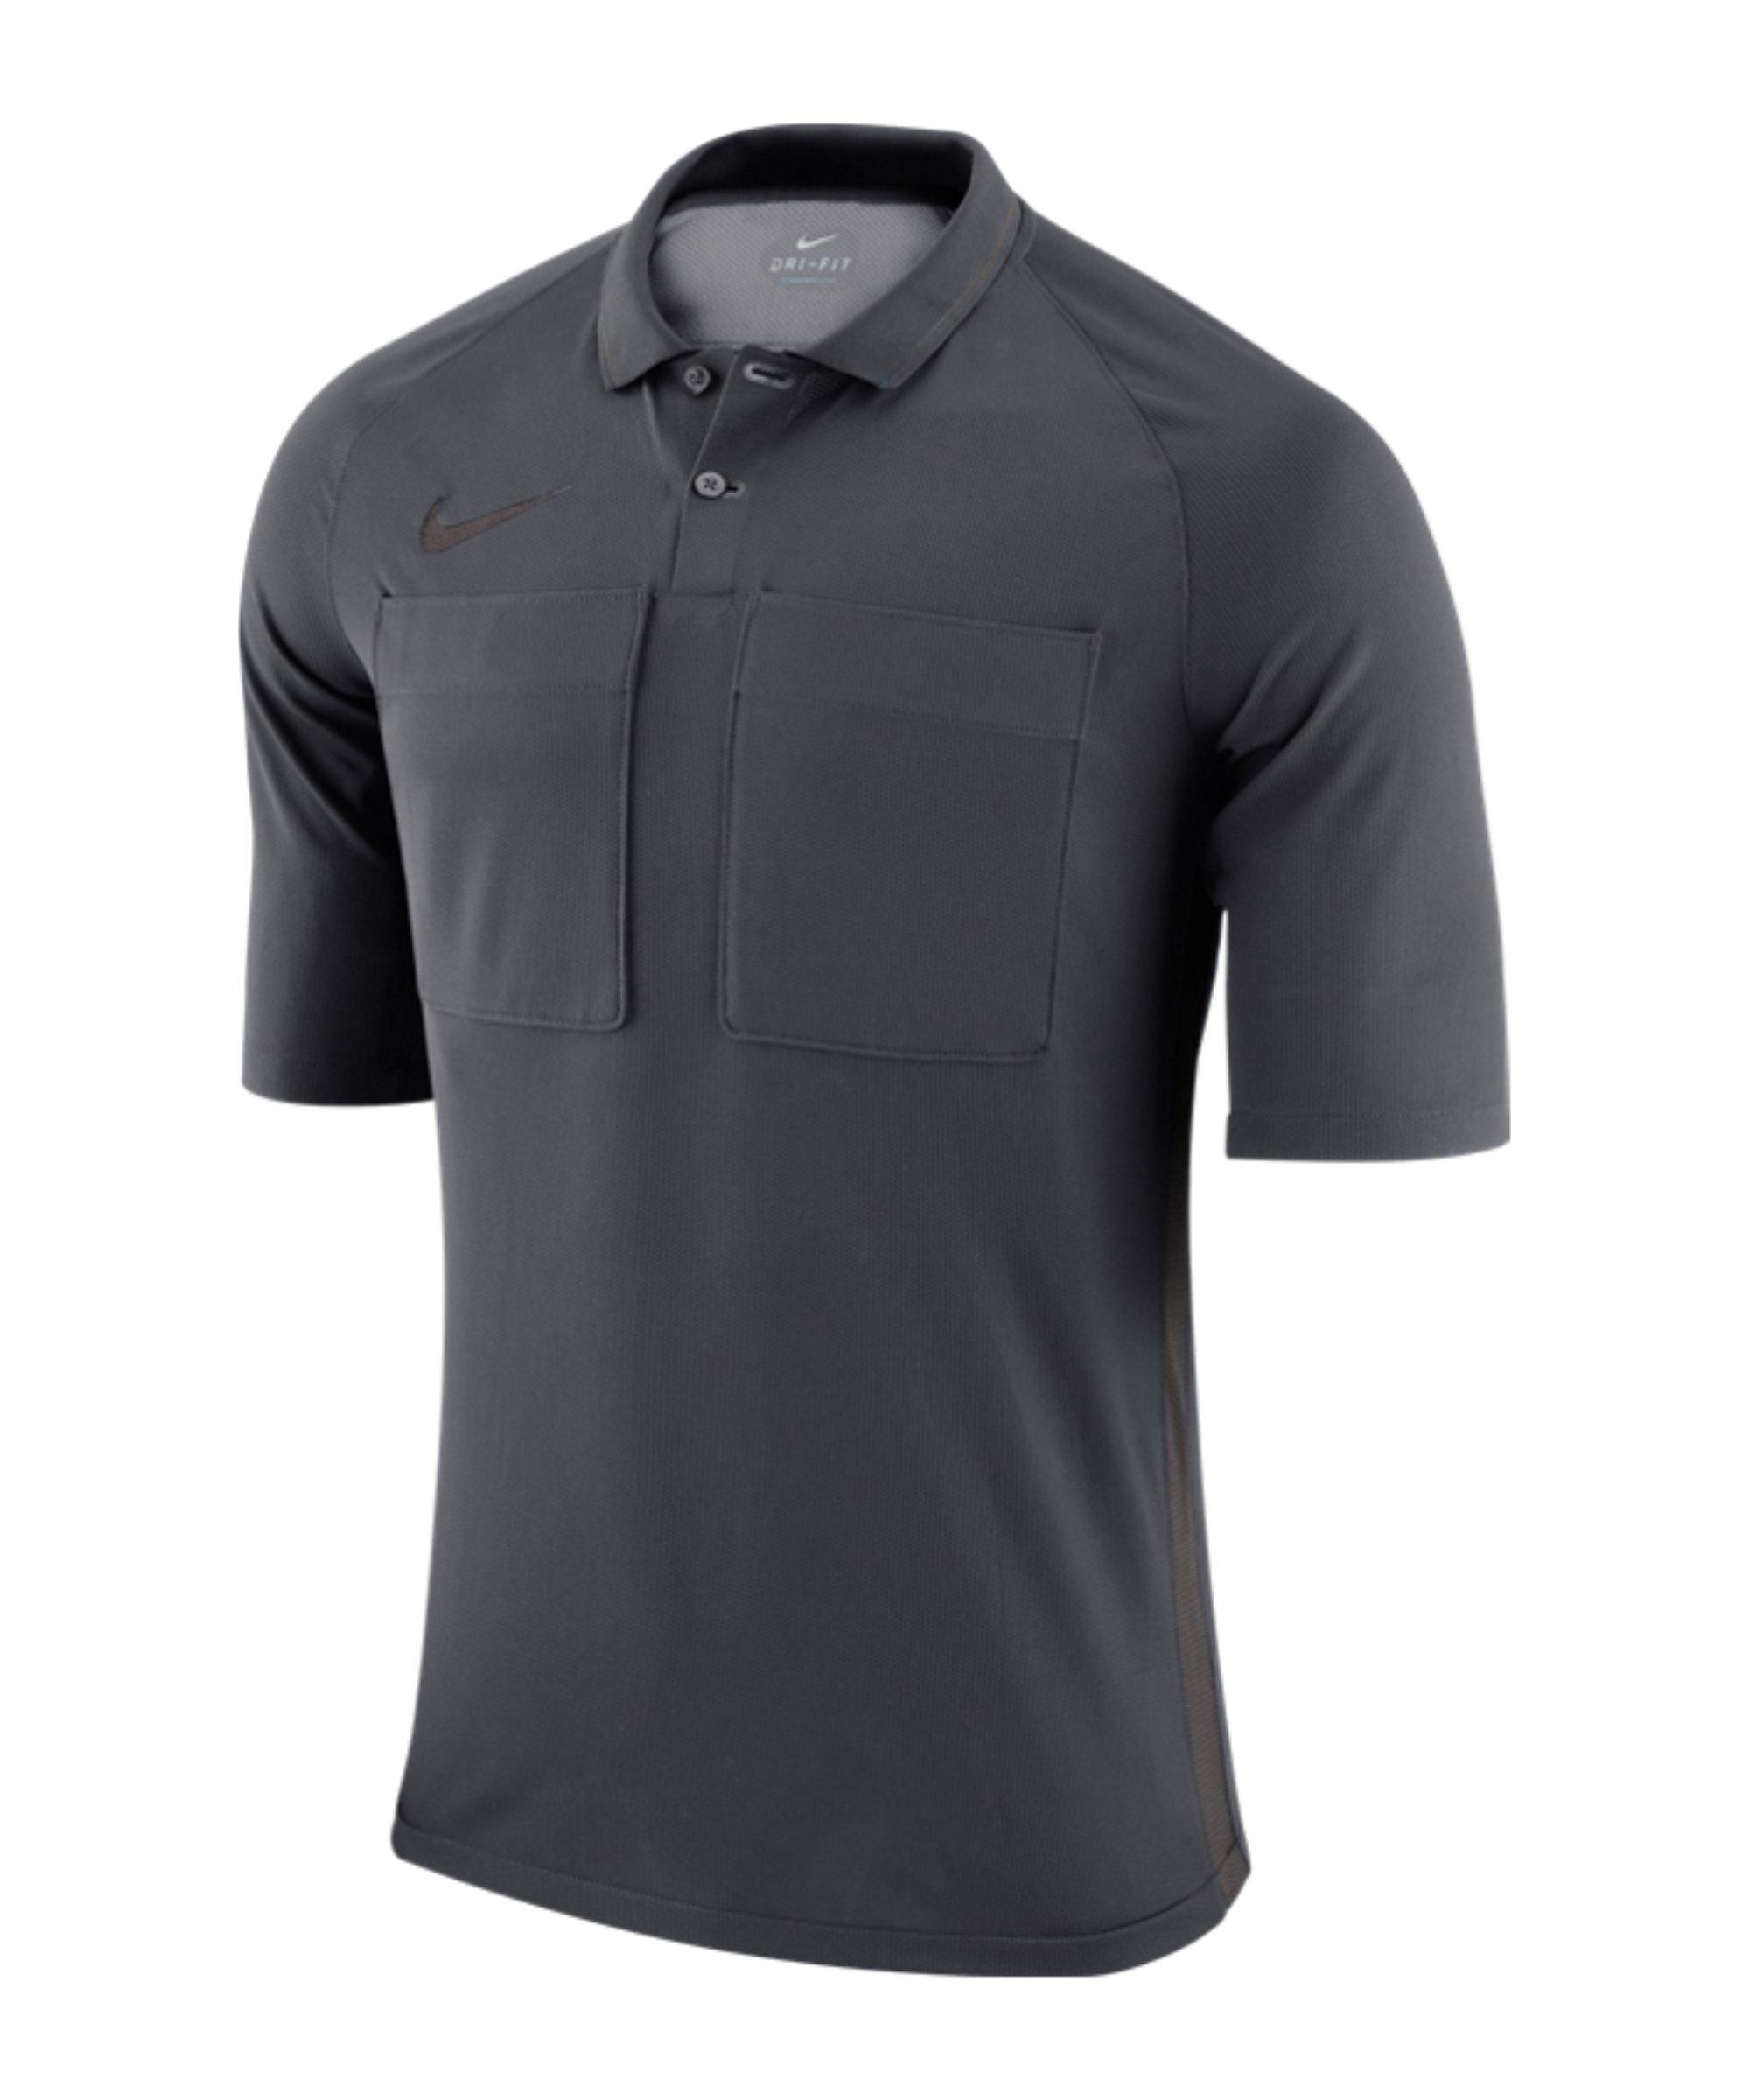 Nike Dry Referee Trikot kurzarm Grau F060 - grau